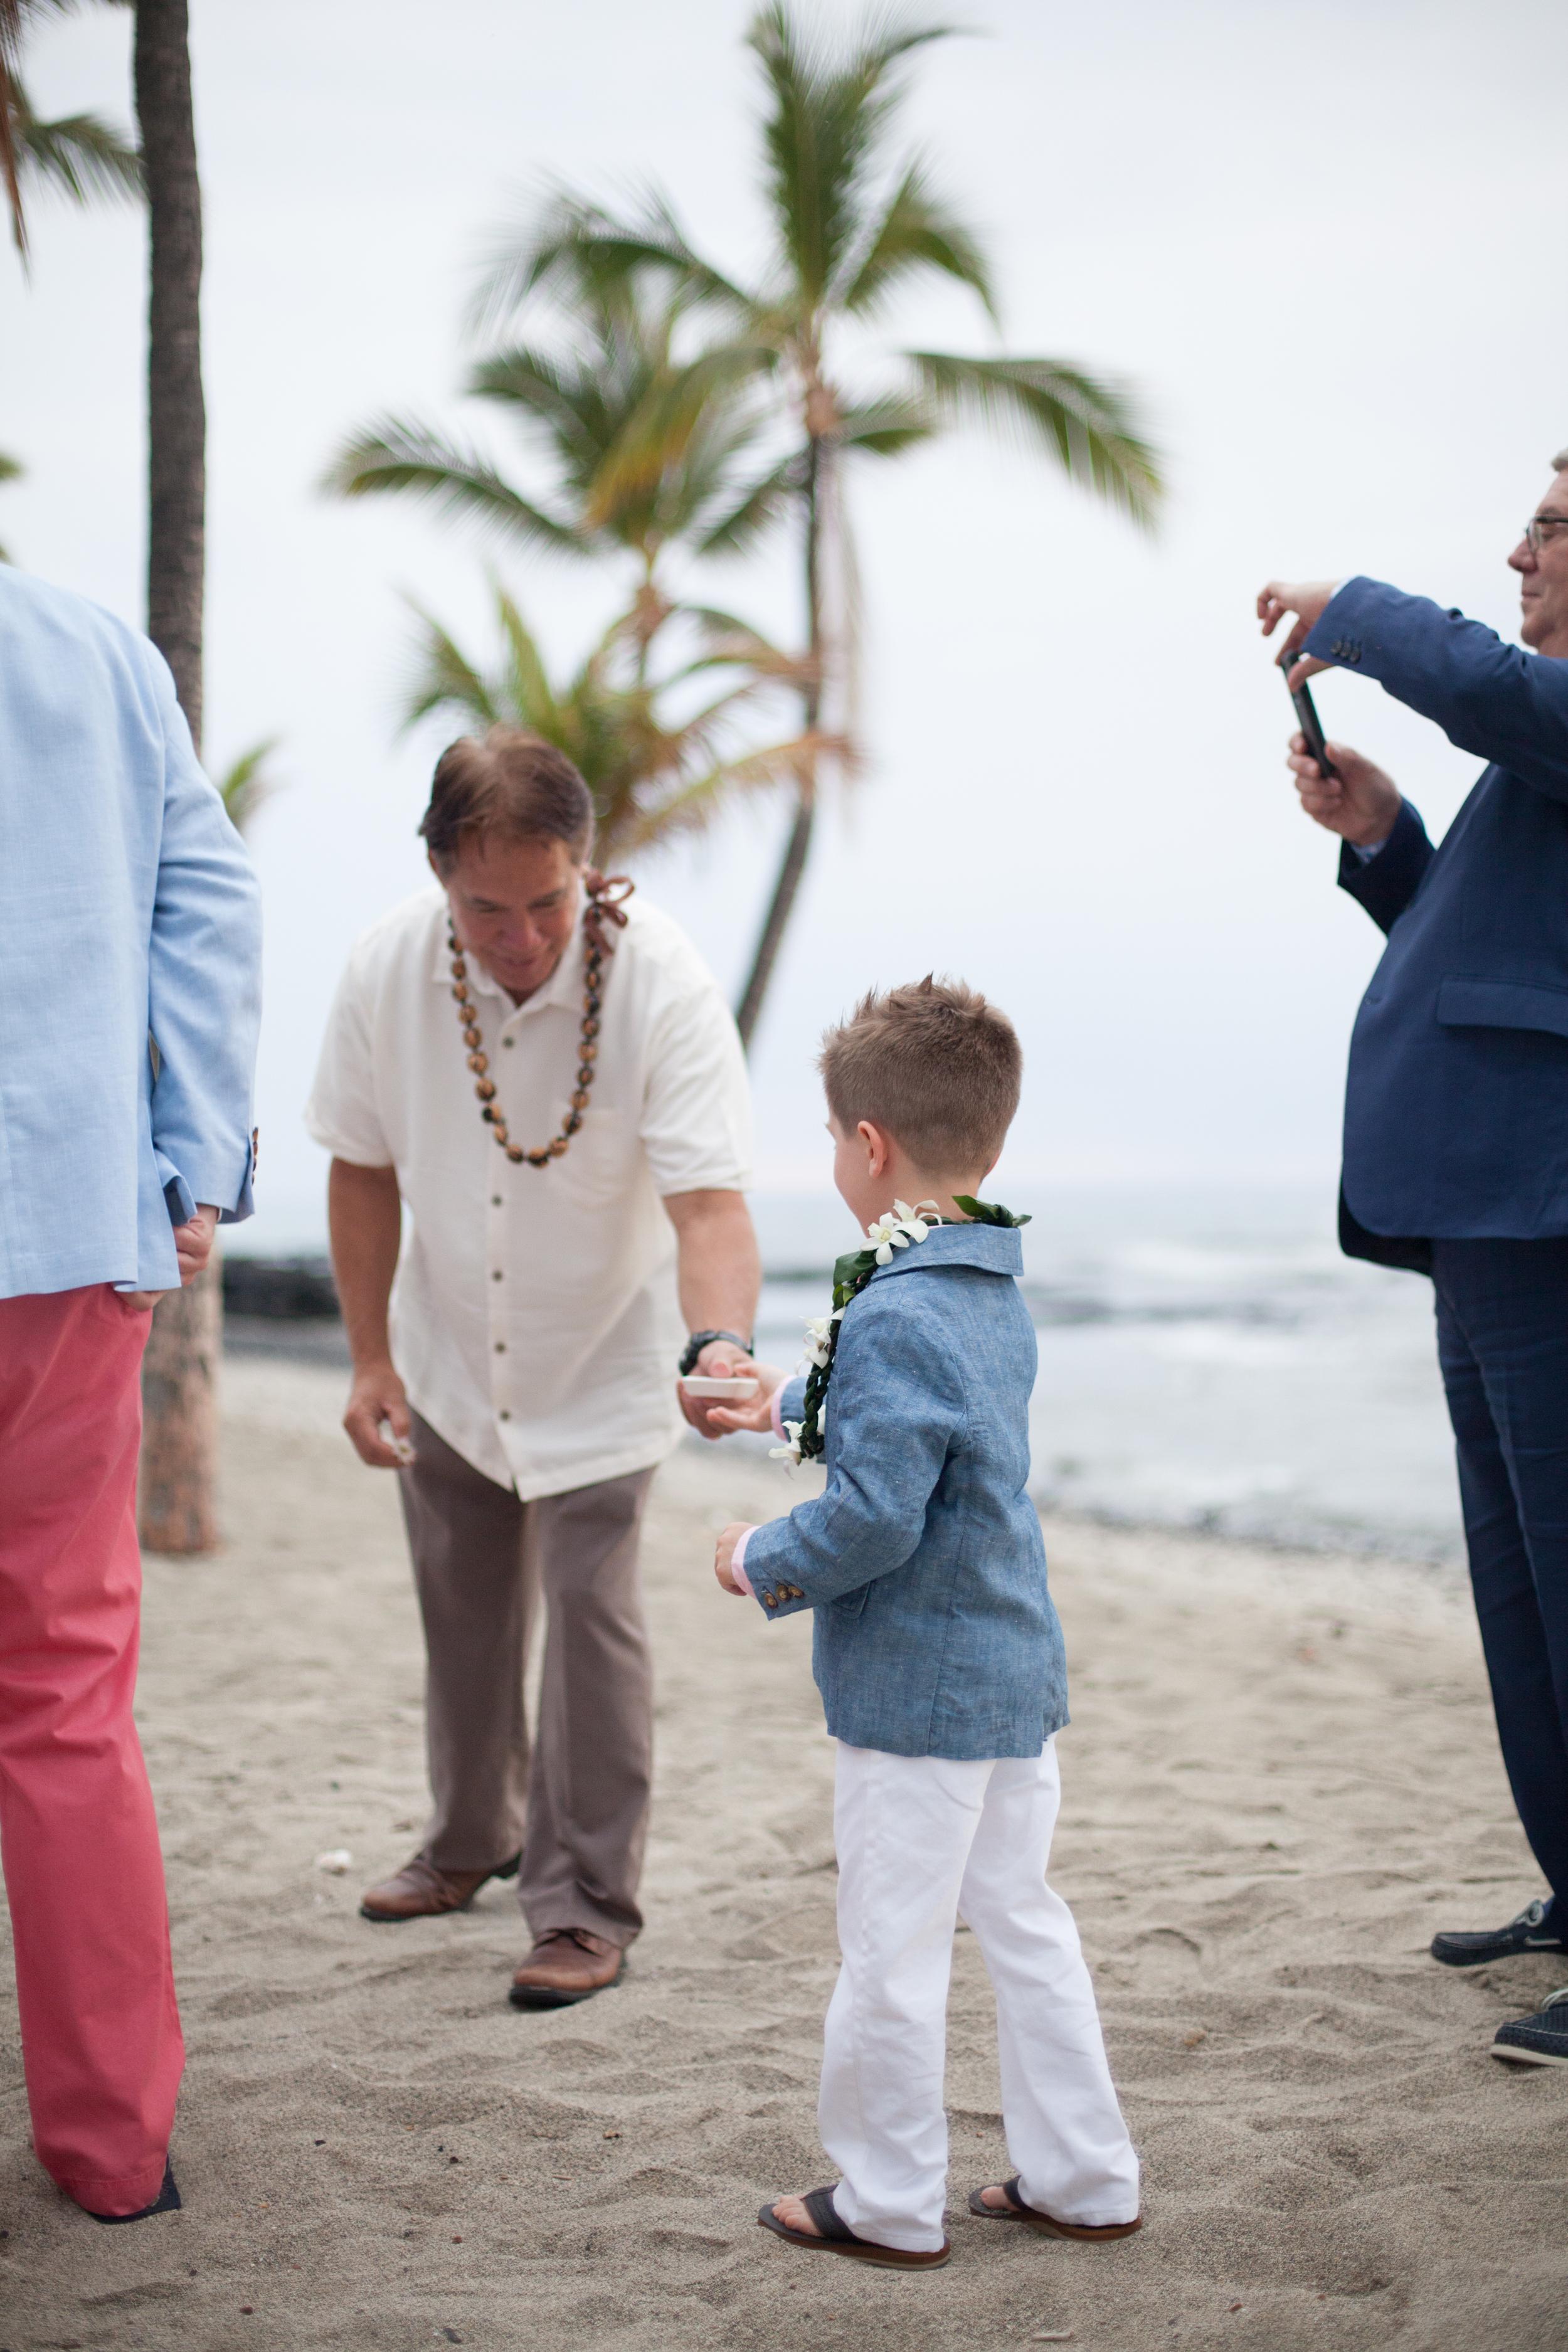 big island hawaii rmauna lani beach wedding © kelilina photography 20160601183415-3.jpg